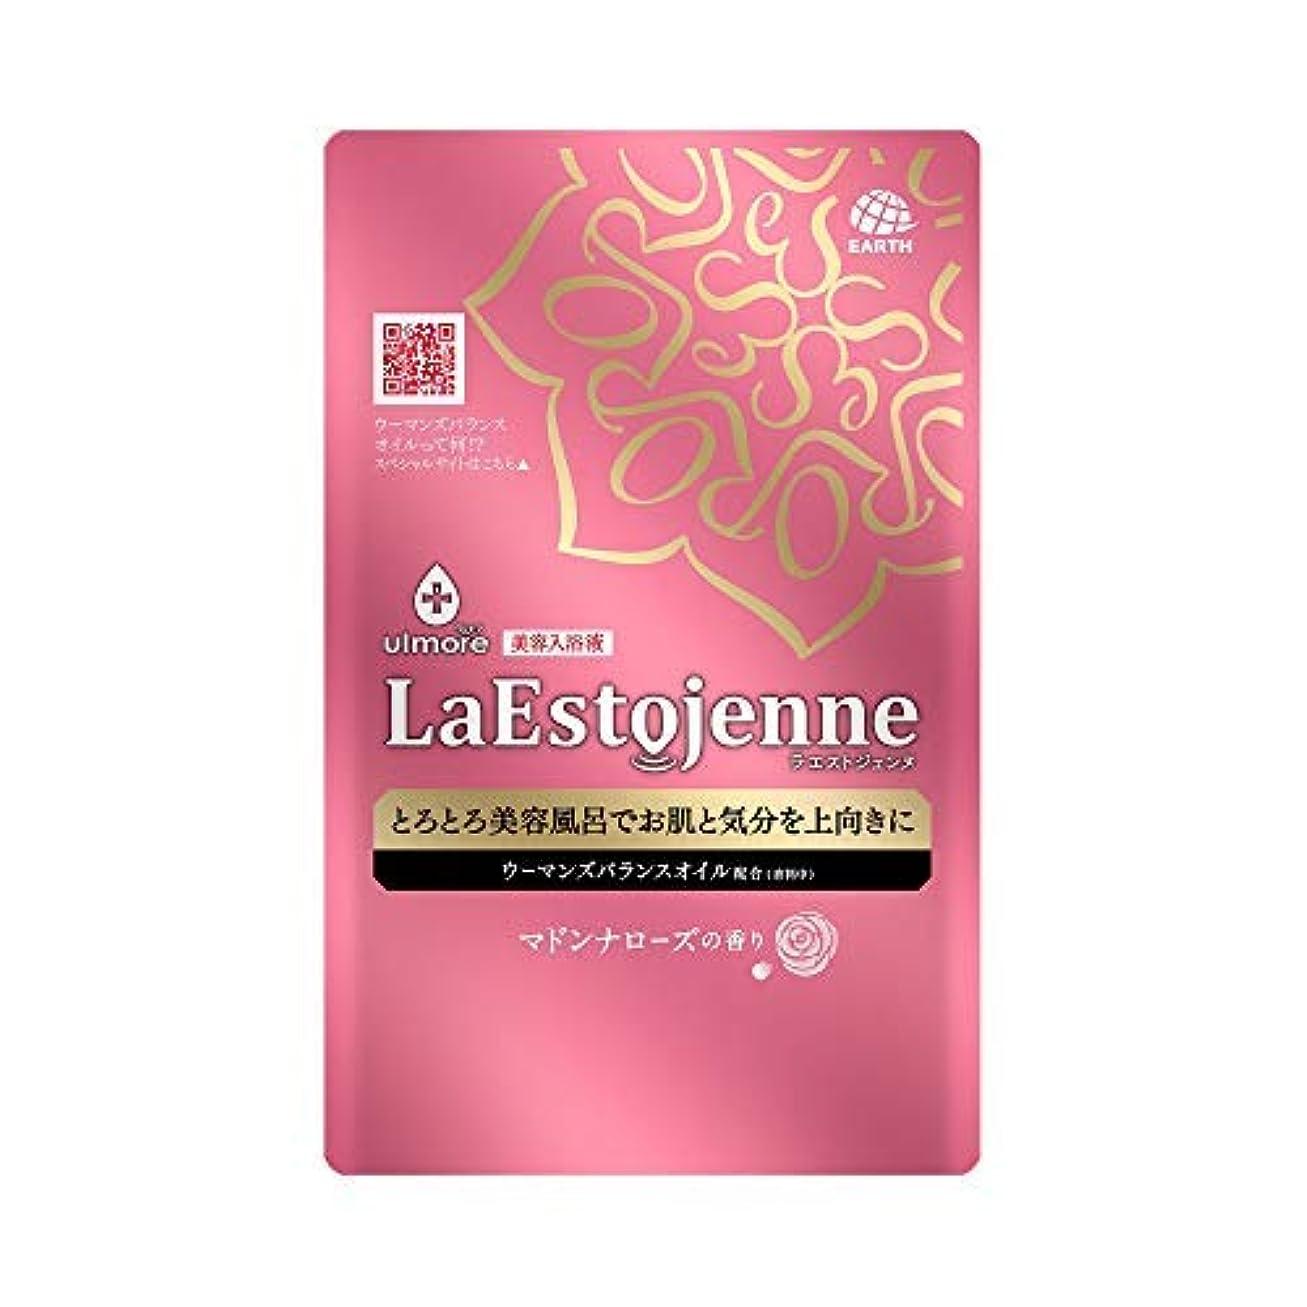 美容師落胆させるハードウルモア ラエストジェンヌ マドンナローズの香り 1包 × 8個セット